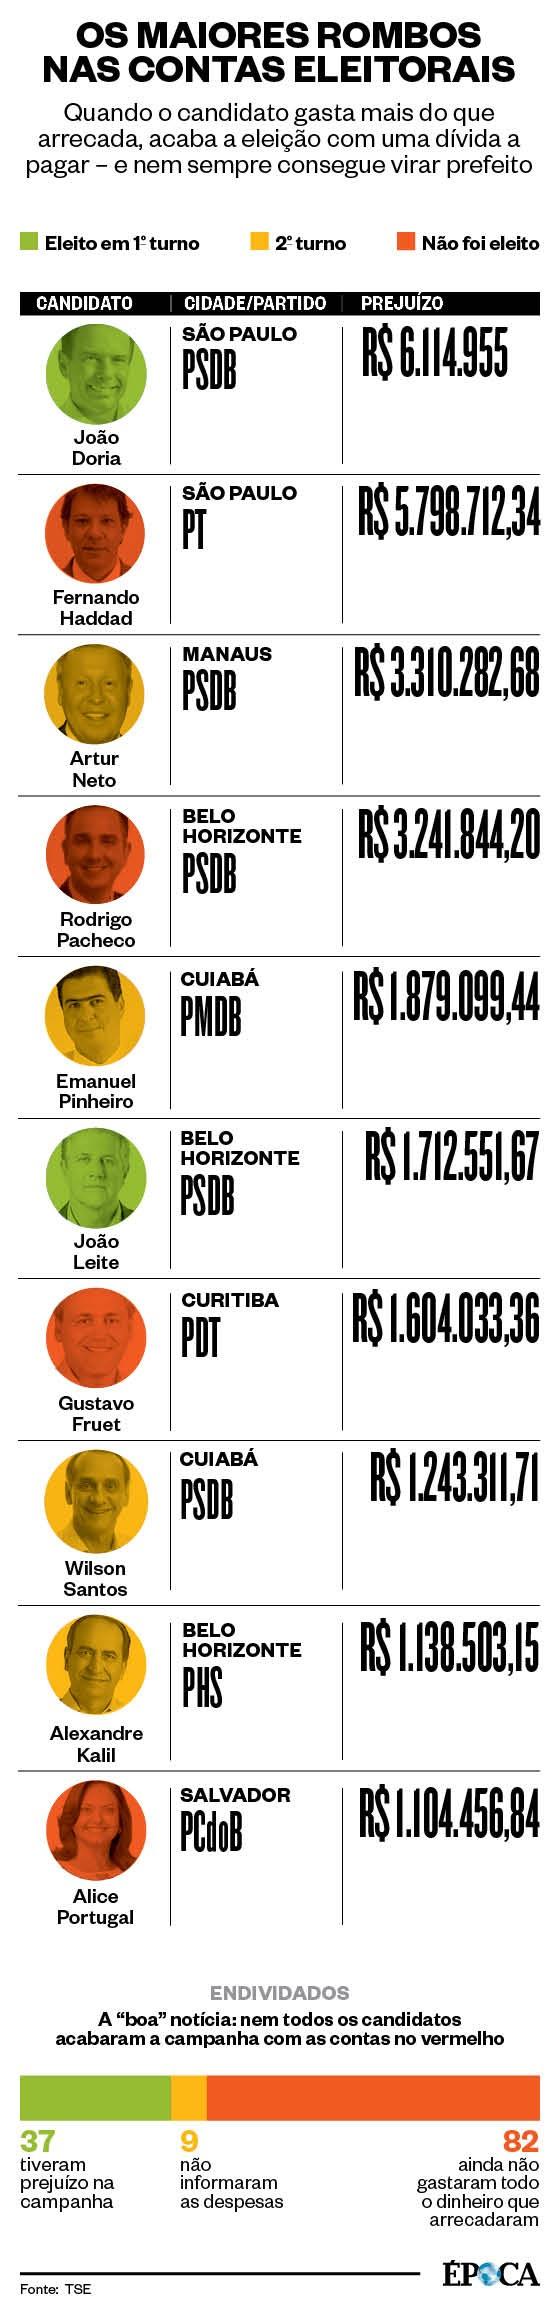 Os rombos nas contas eleitorais (Foto: Arte ÉPOCA)